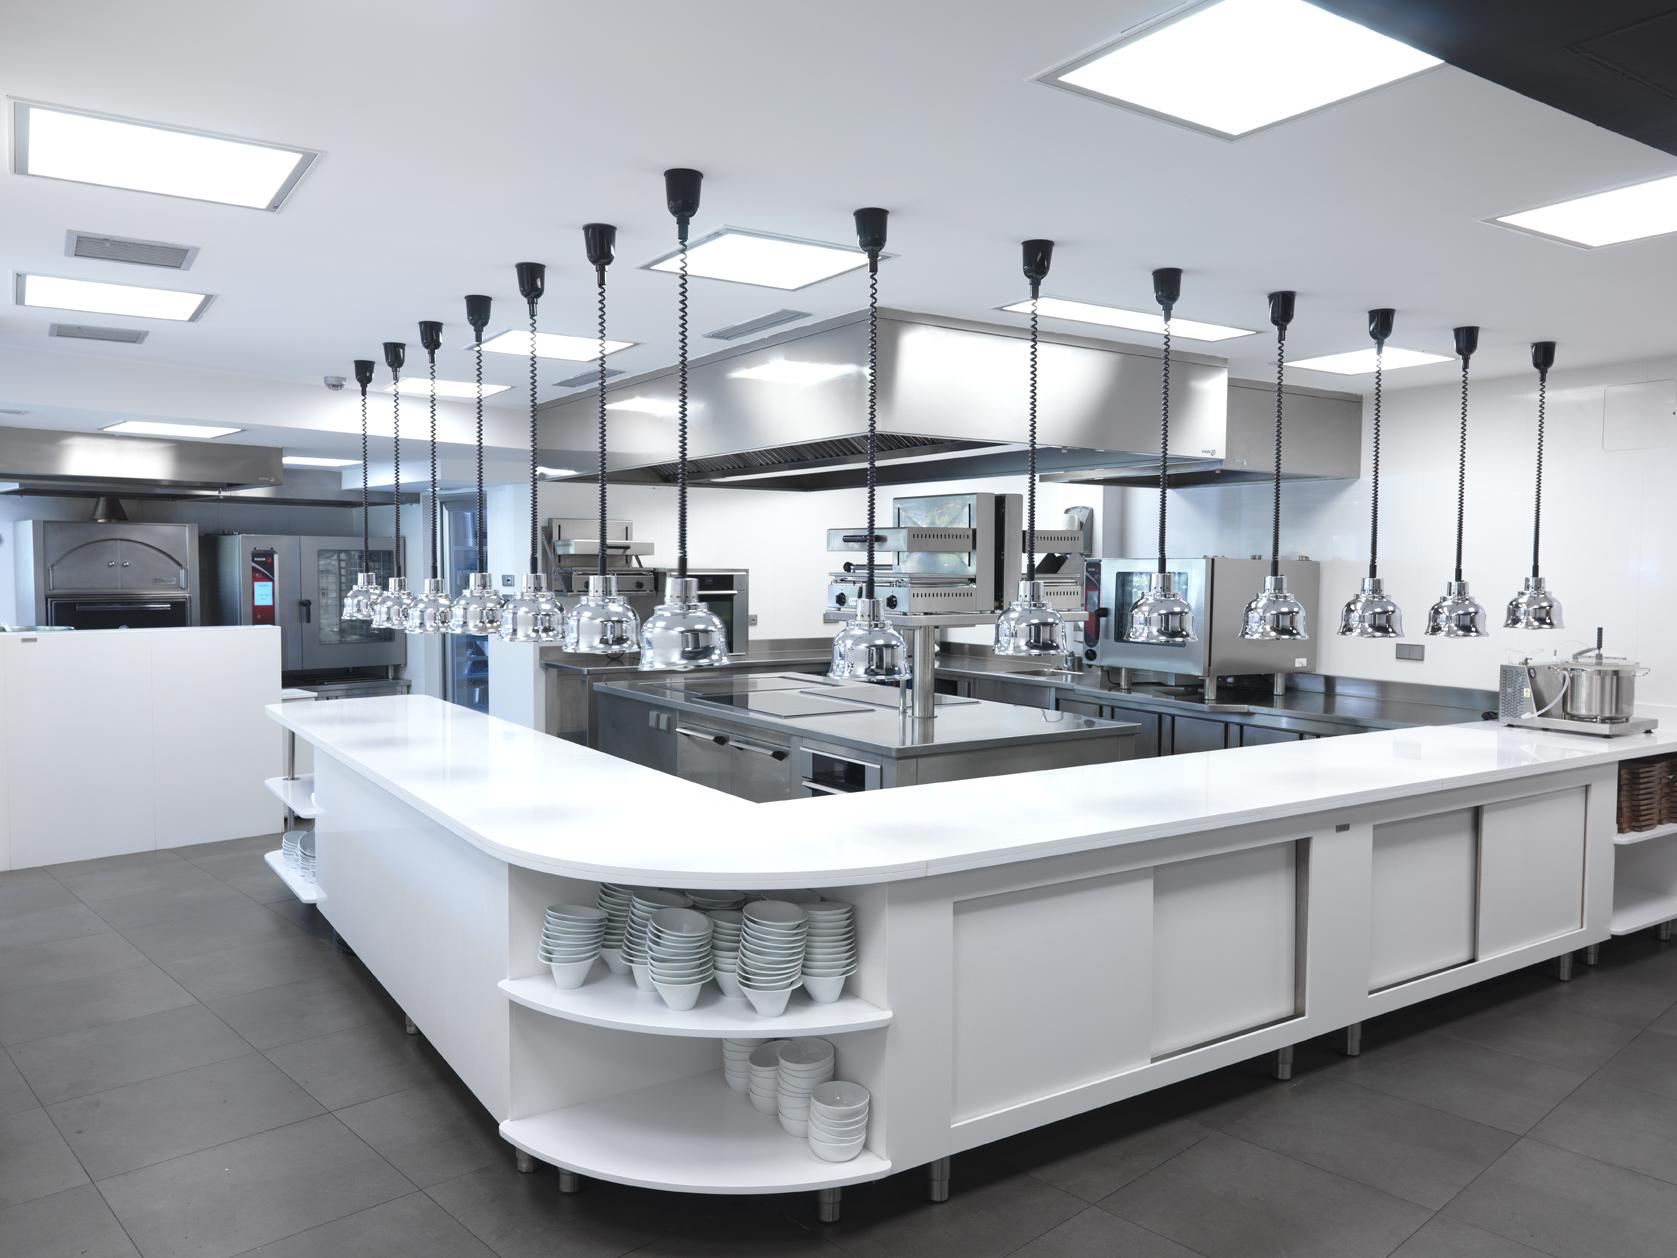 Neointegra empresa de limpieza de cocina industrial le n neointegra limpieza de campanas - Campana cocina industrial ...